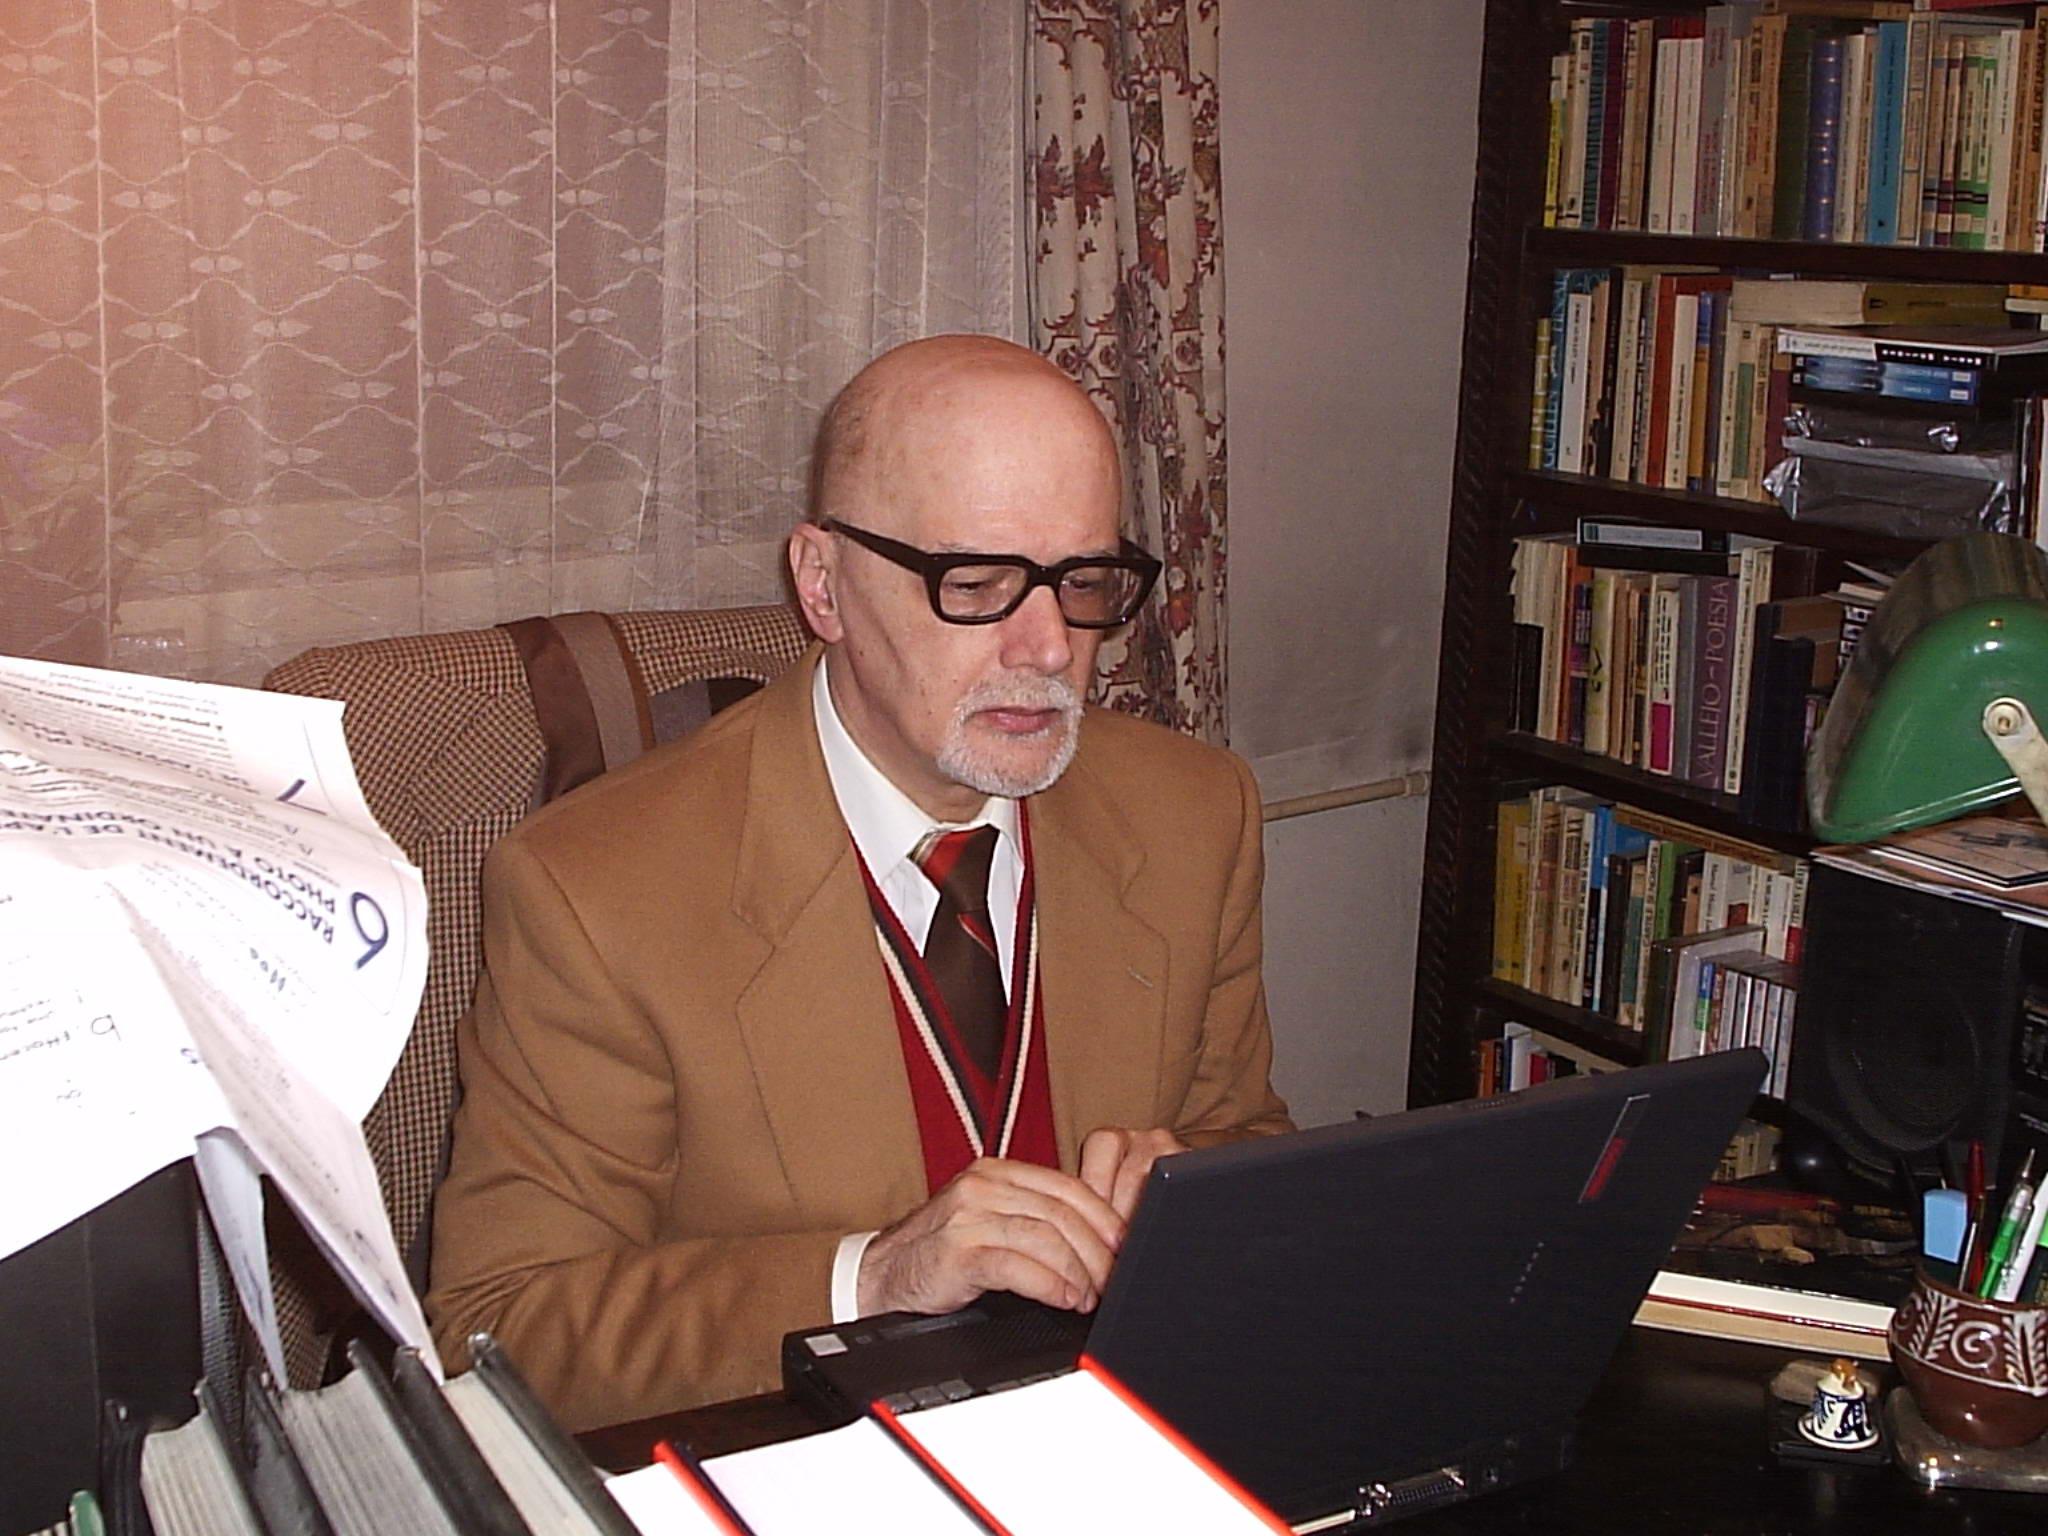 """Mihai Cantuniari: """"În scrisul meu esenţială a fost viaţa trăită, abia apoi plasez bibliotecile""""/ de Stelian Ţurlea"""